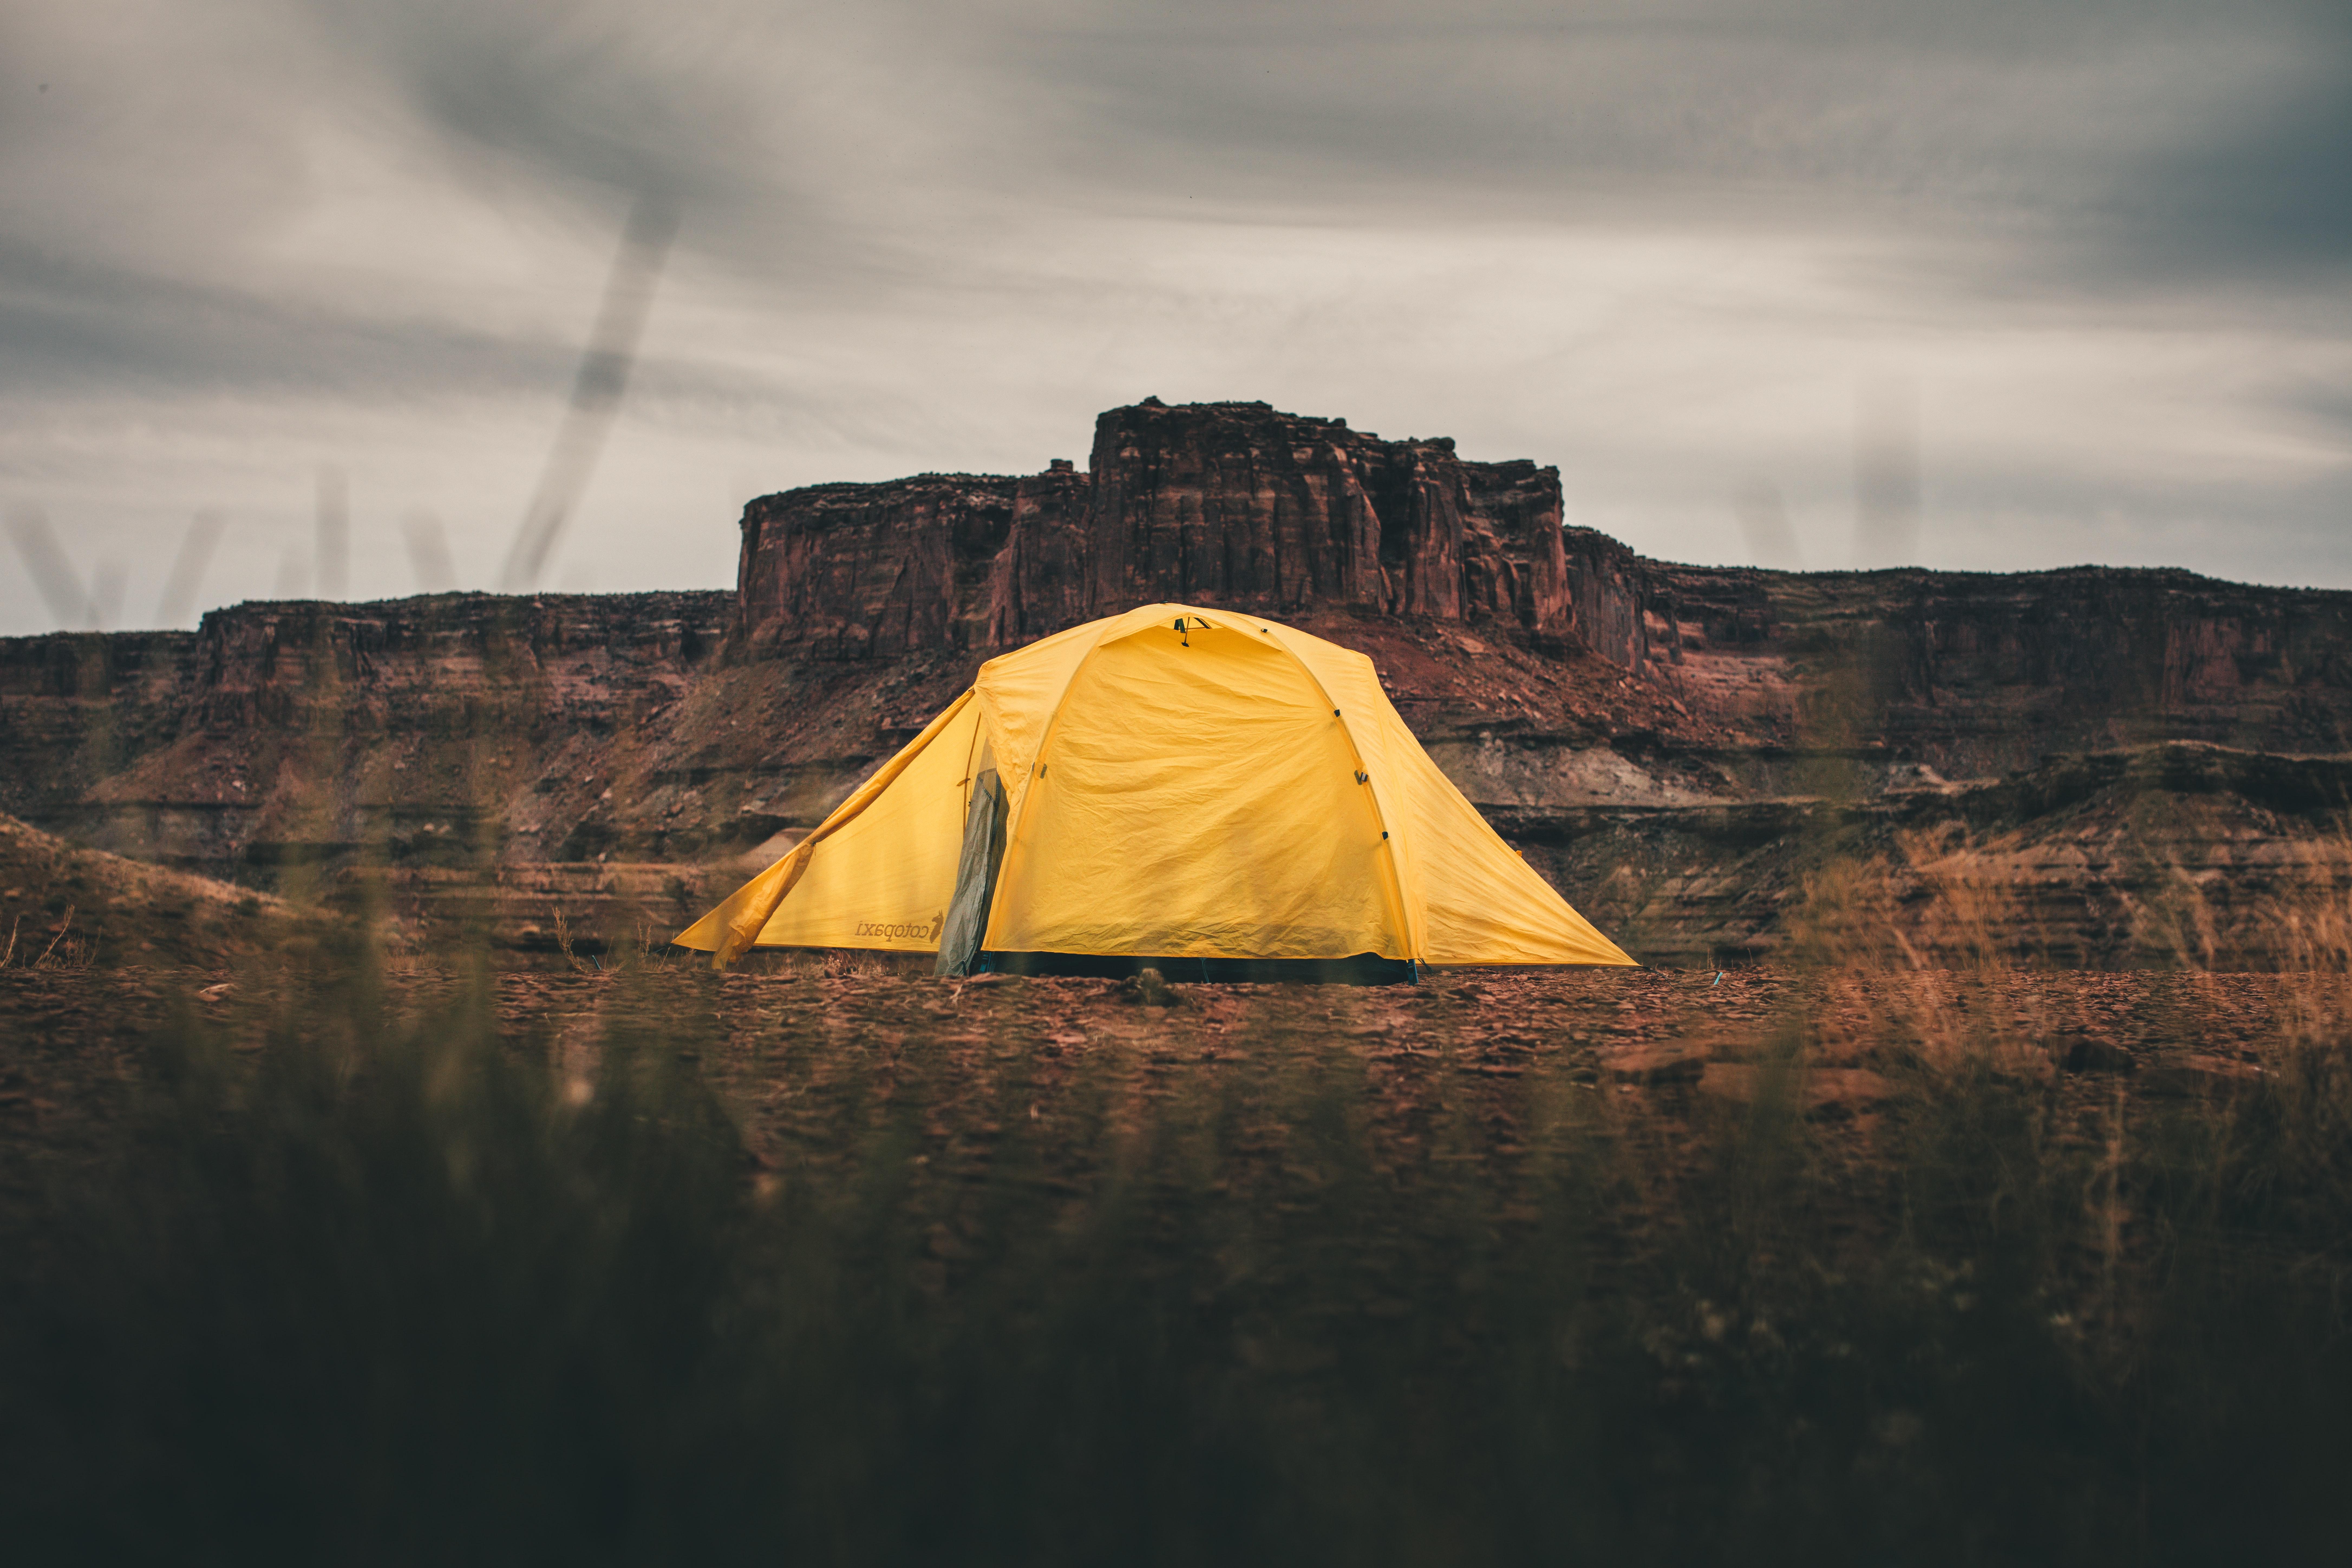 152341 скачать обои Разное, Палатка, Кемпинг, Природа, Горы - заставки и картинки бесплатно